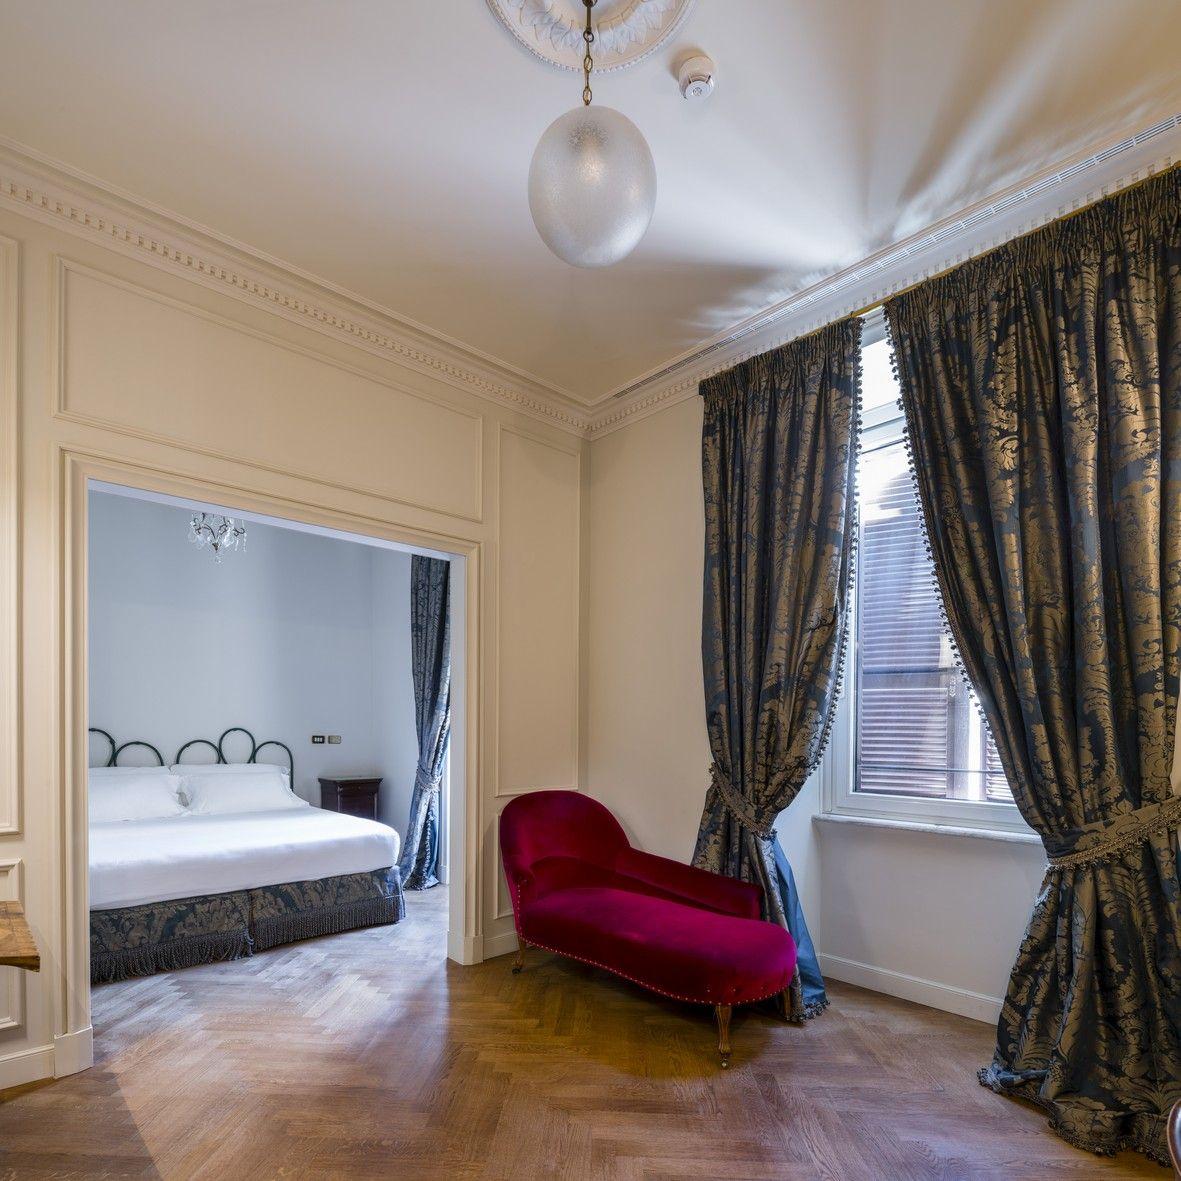 Ristrutturazione Hotel Locarno - image 4